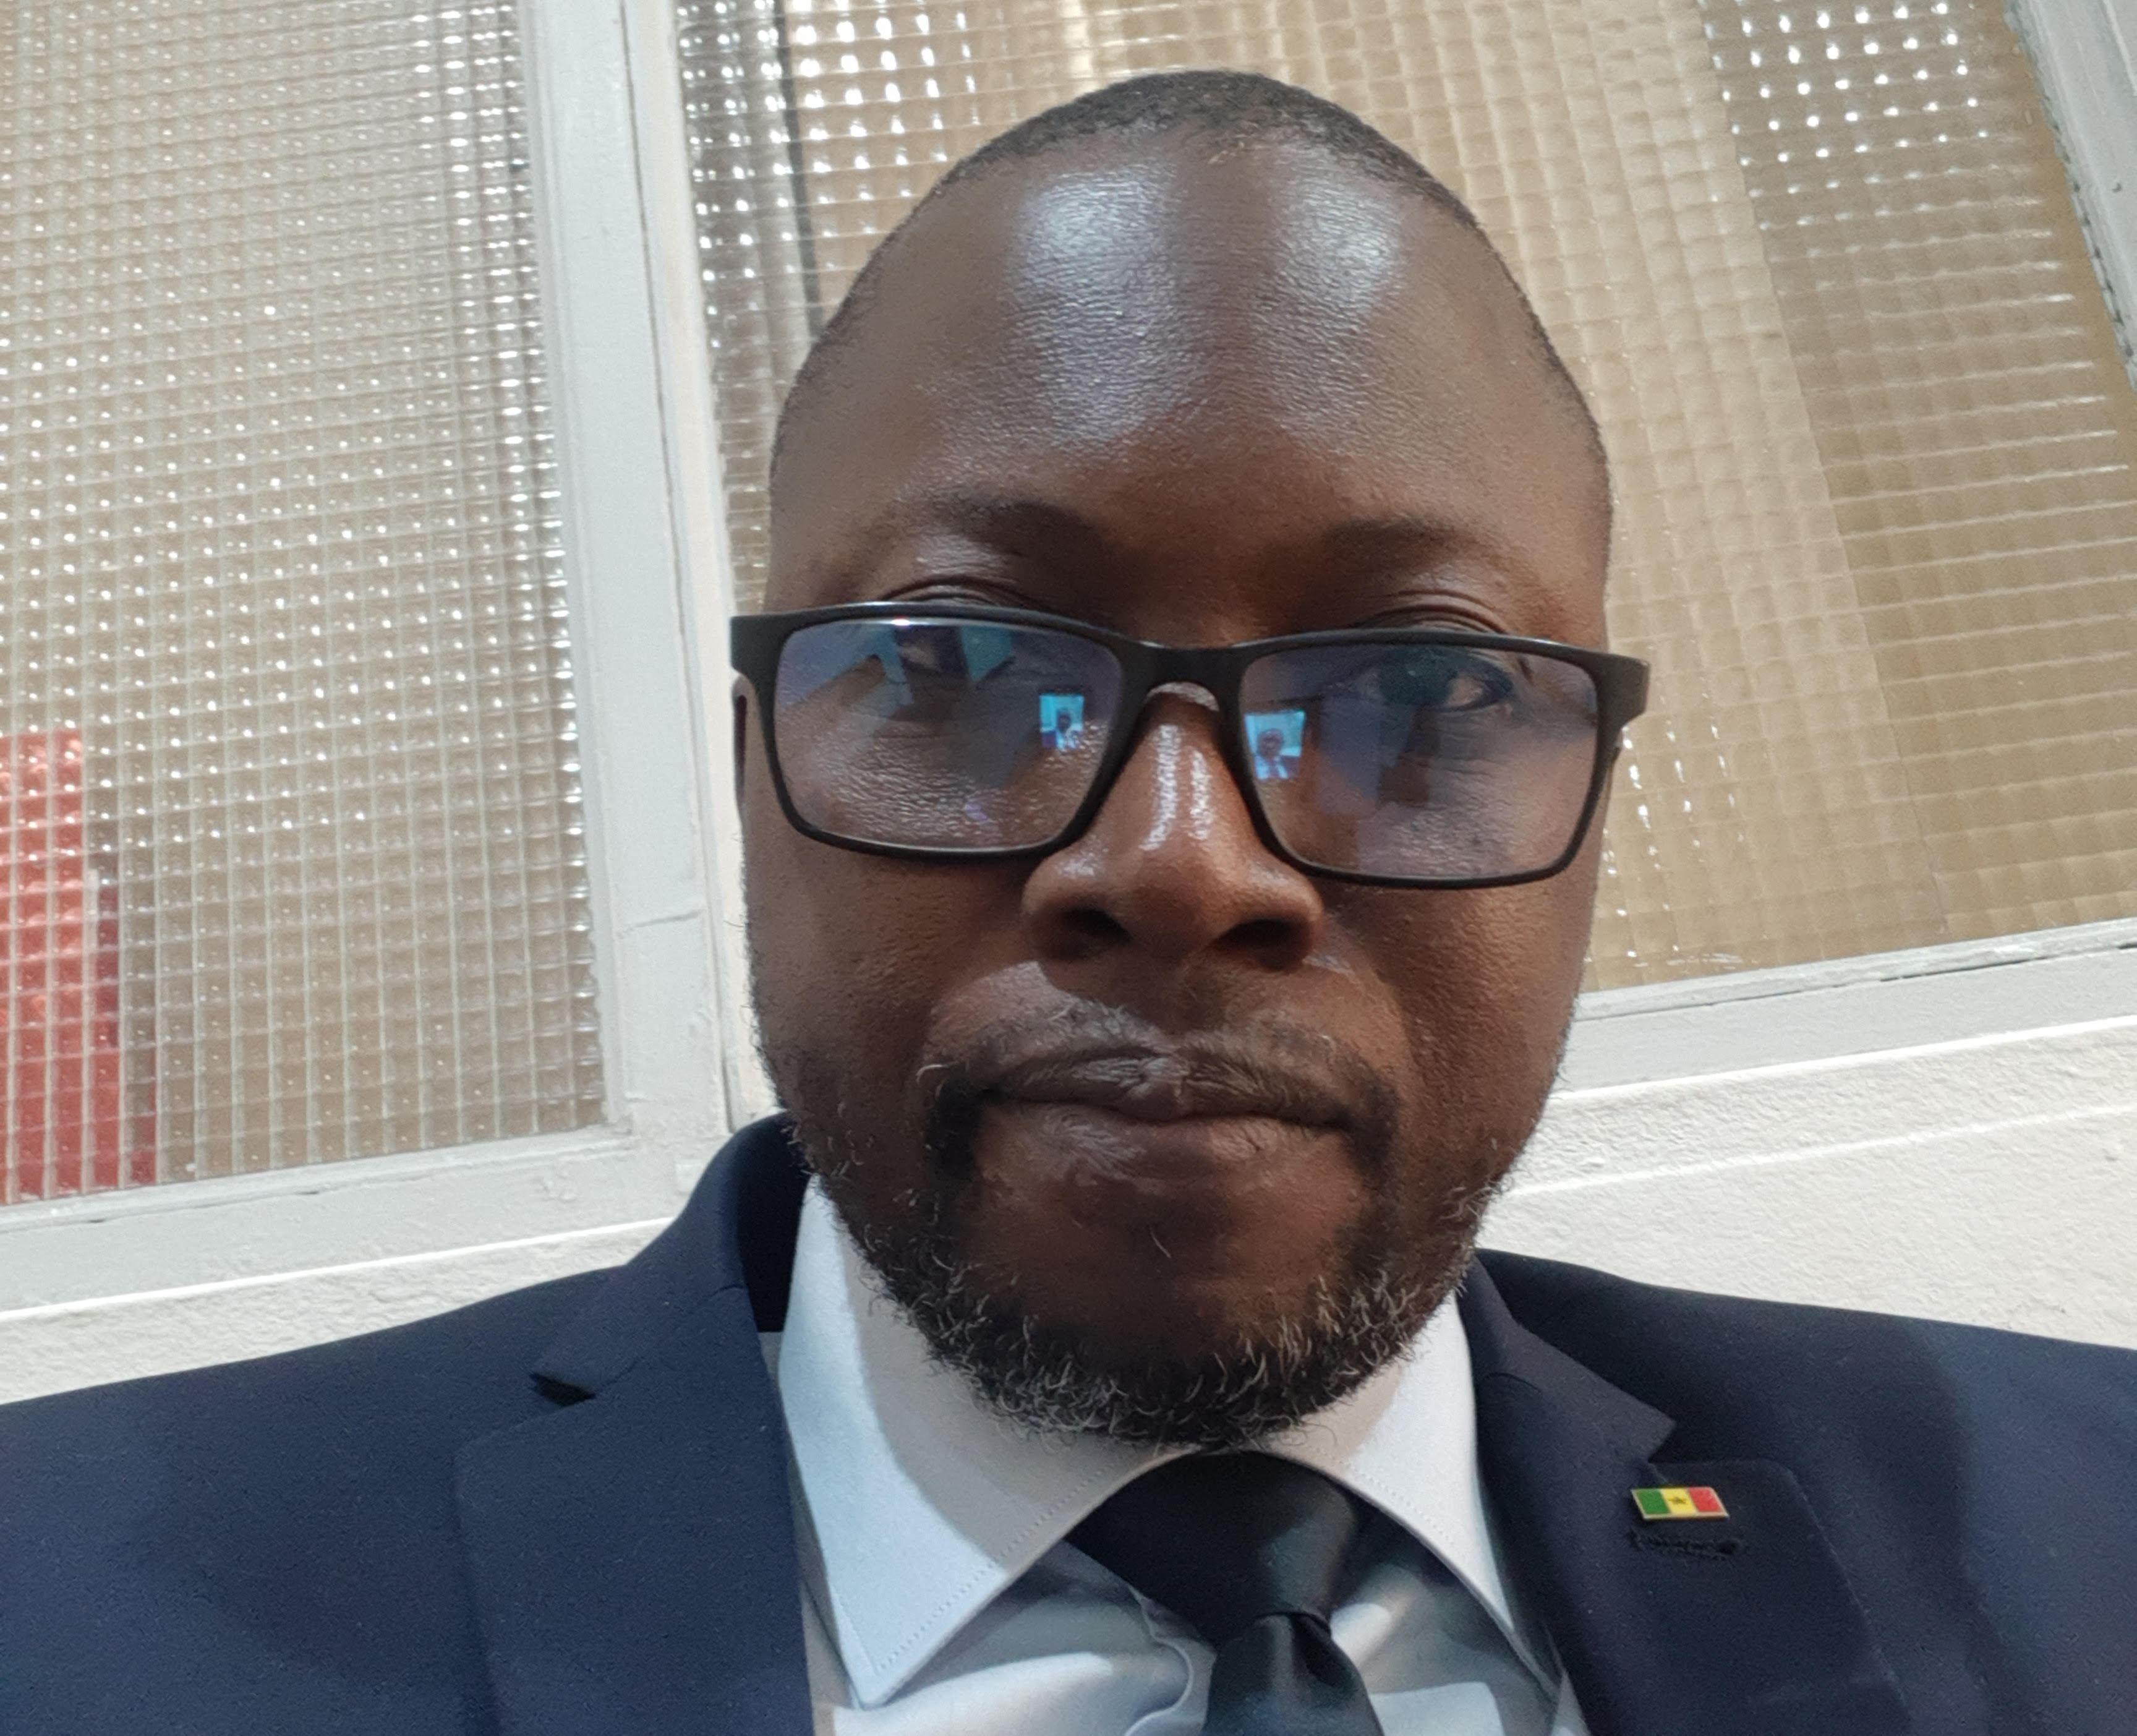 Ousmane Sonko: L'art de la manipulation et de l'évitement en politique (Contribution)